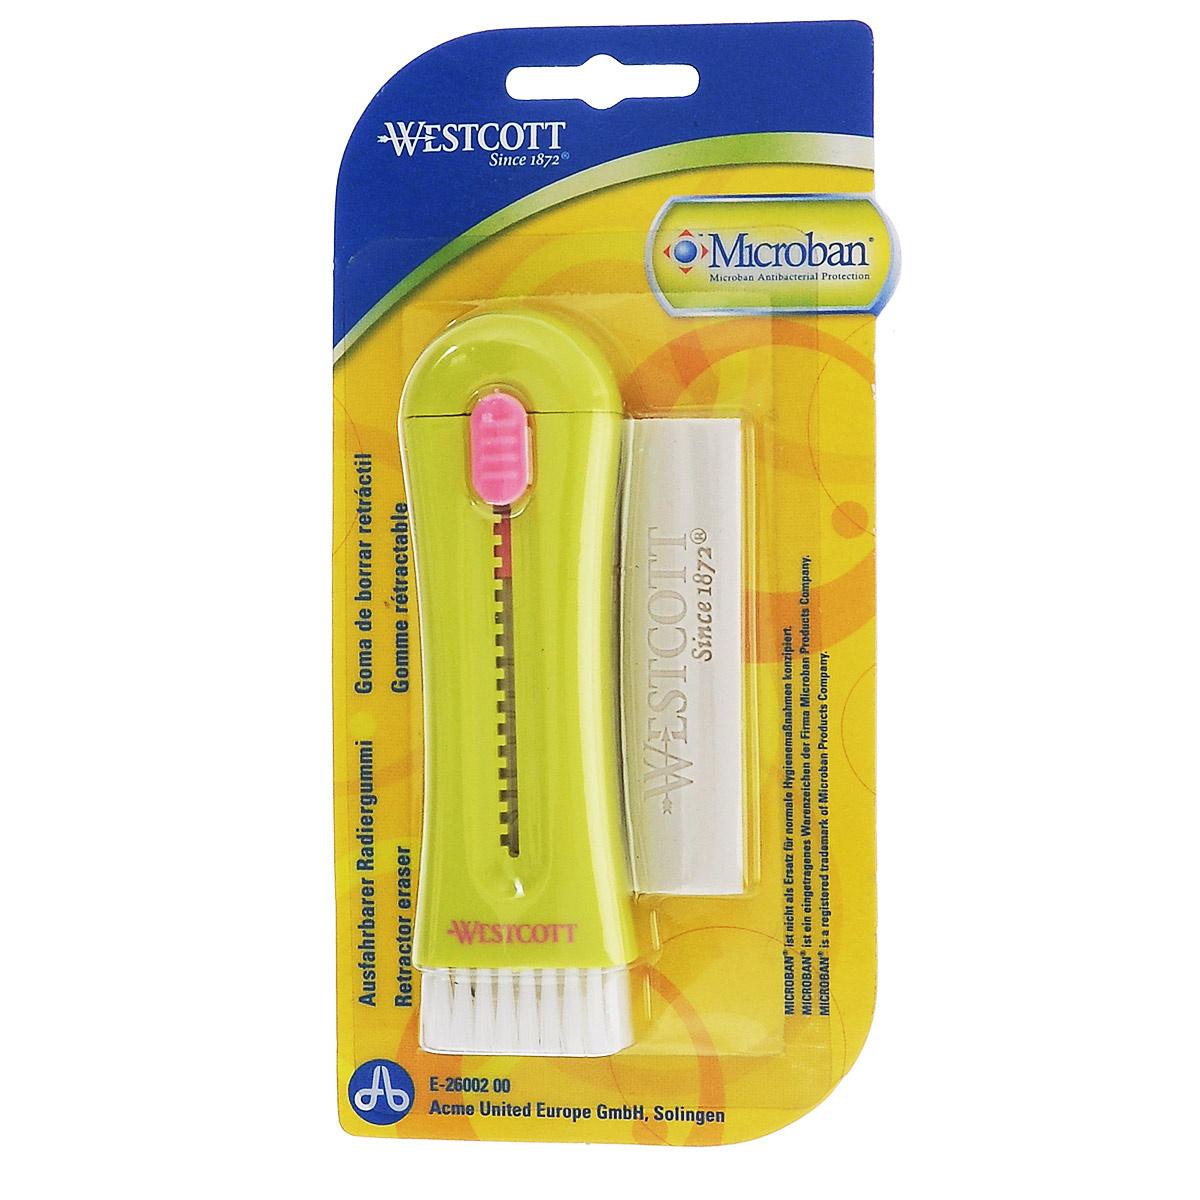 """Ластик с кисточкой """"Westcott"""", с антибактериальным покрытием, цвет: желтый  #1"""